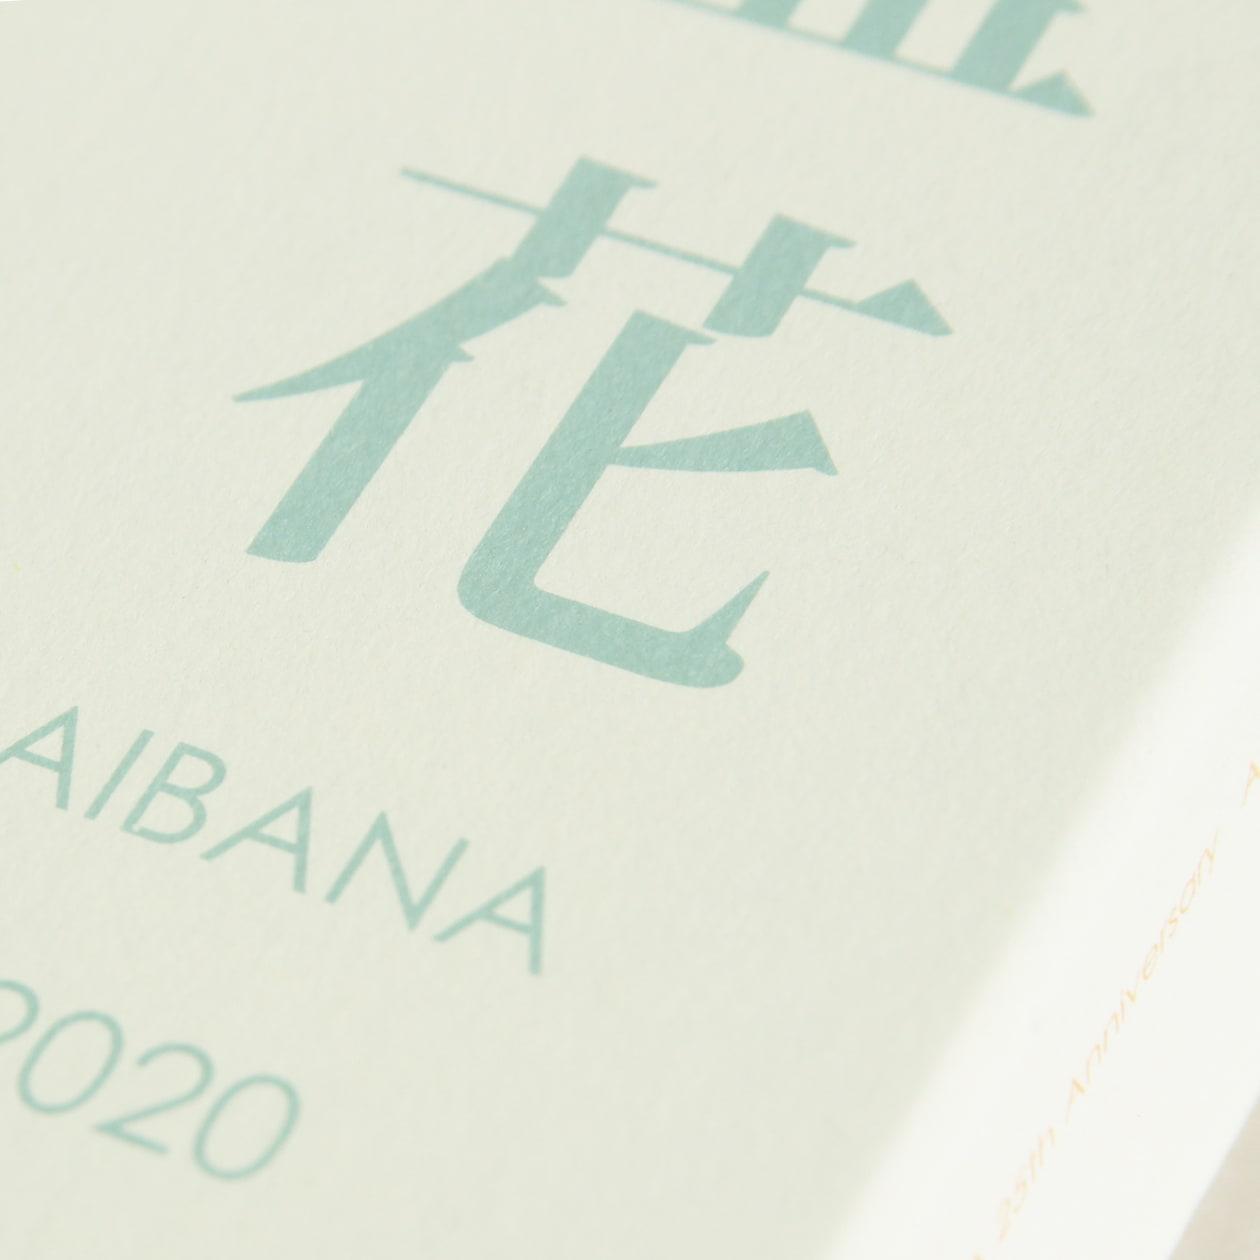 創刊25周年記念品(コットン ナチュラル)